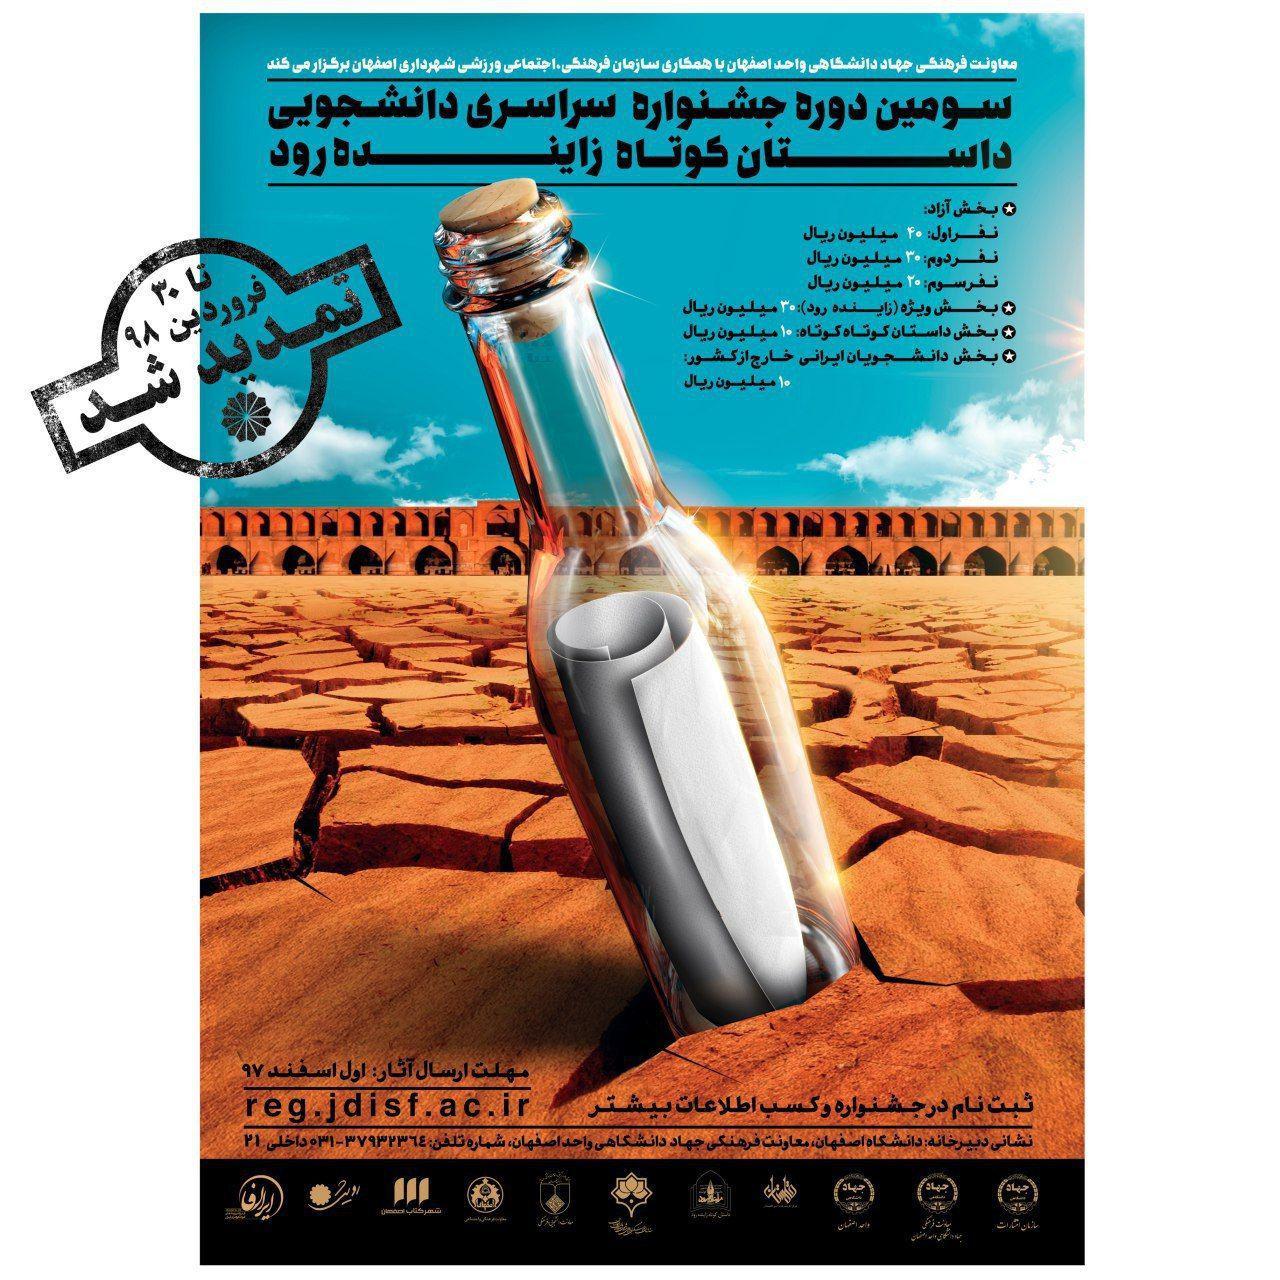 جشنواره ادبی زایندهرود